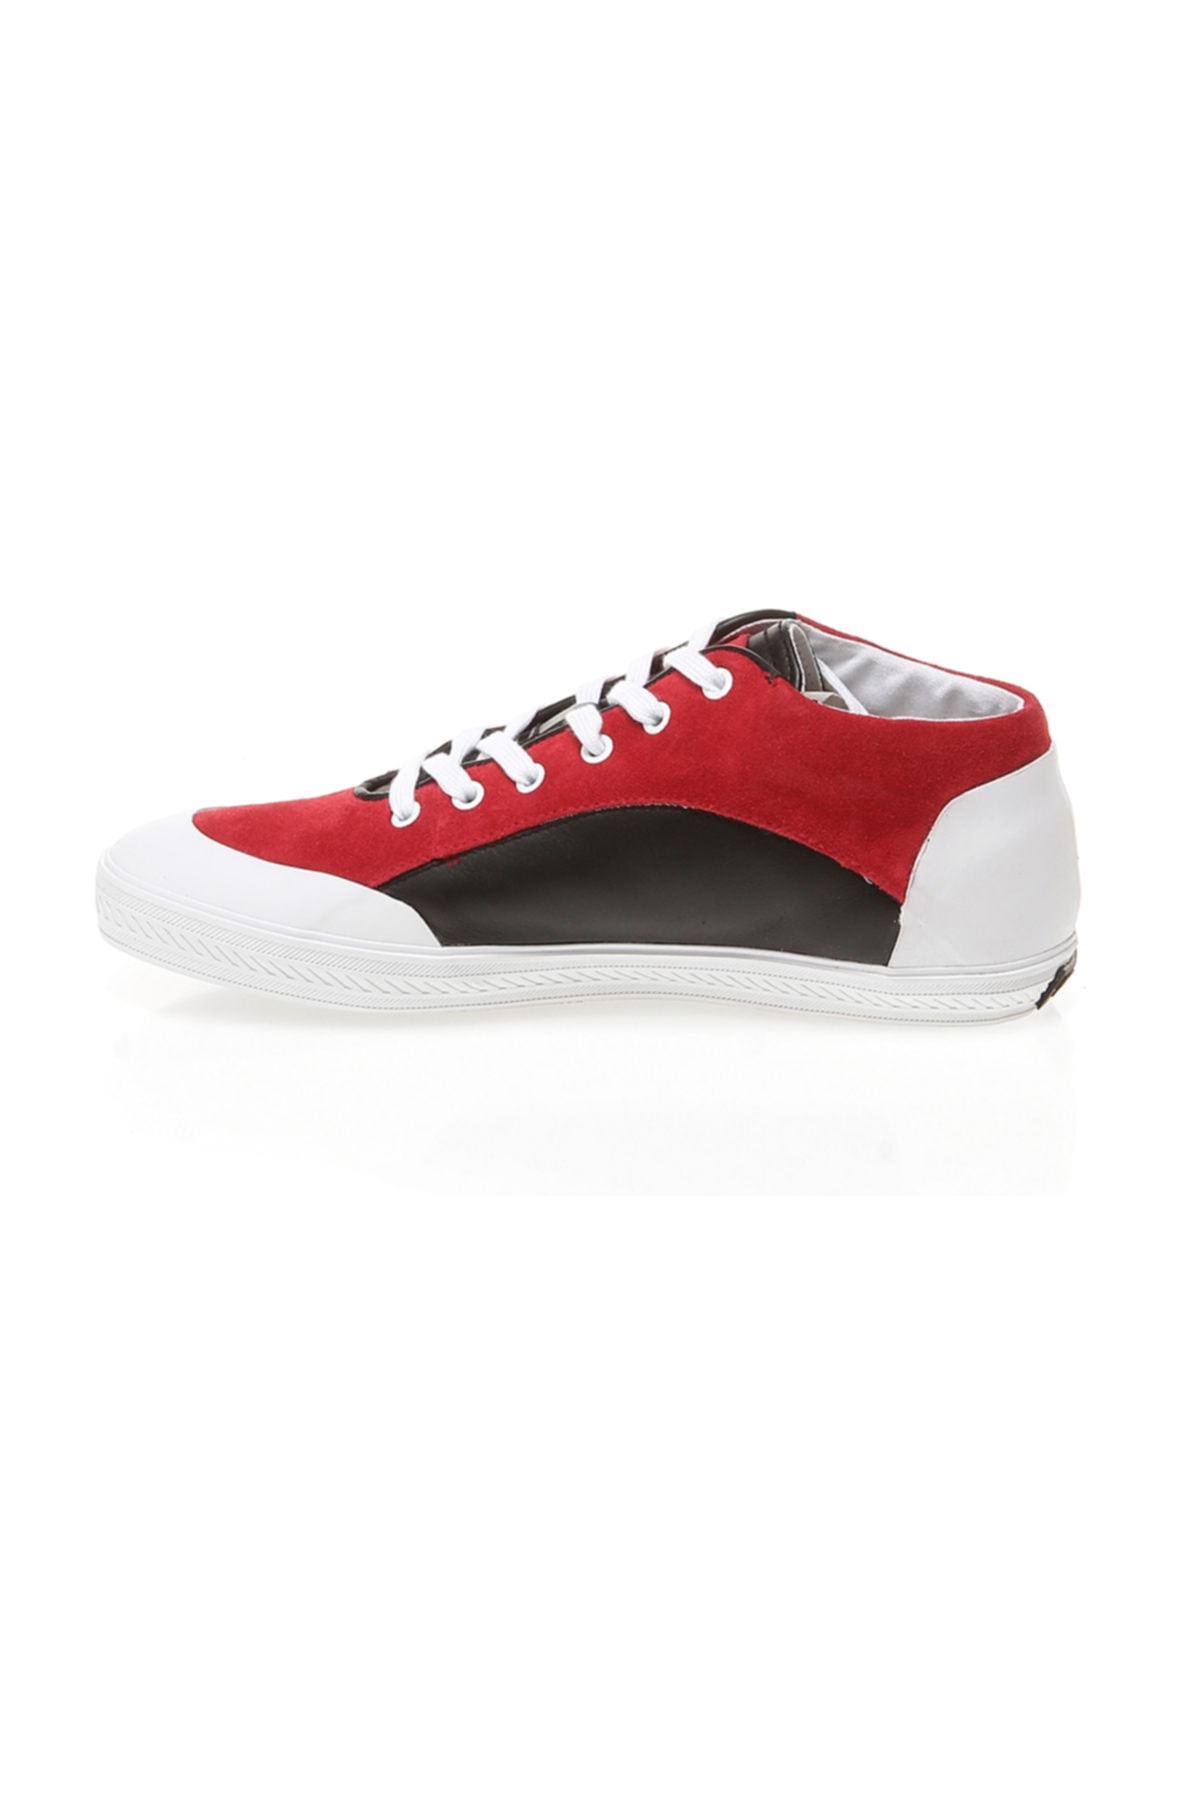 Kenzo Kırmızı Erkek Sneaker M42177 Duarte 1